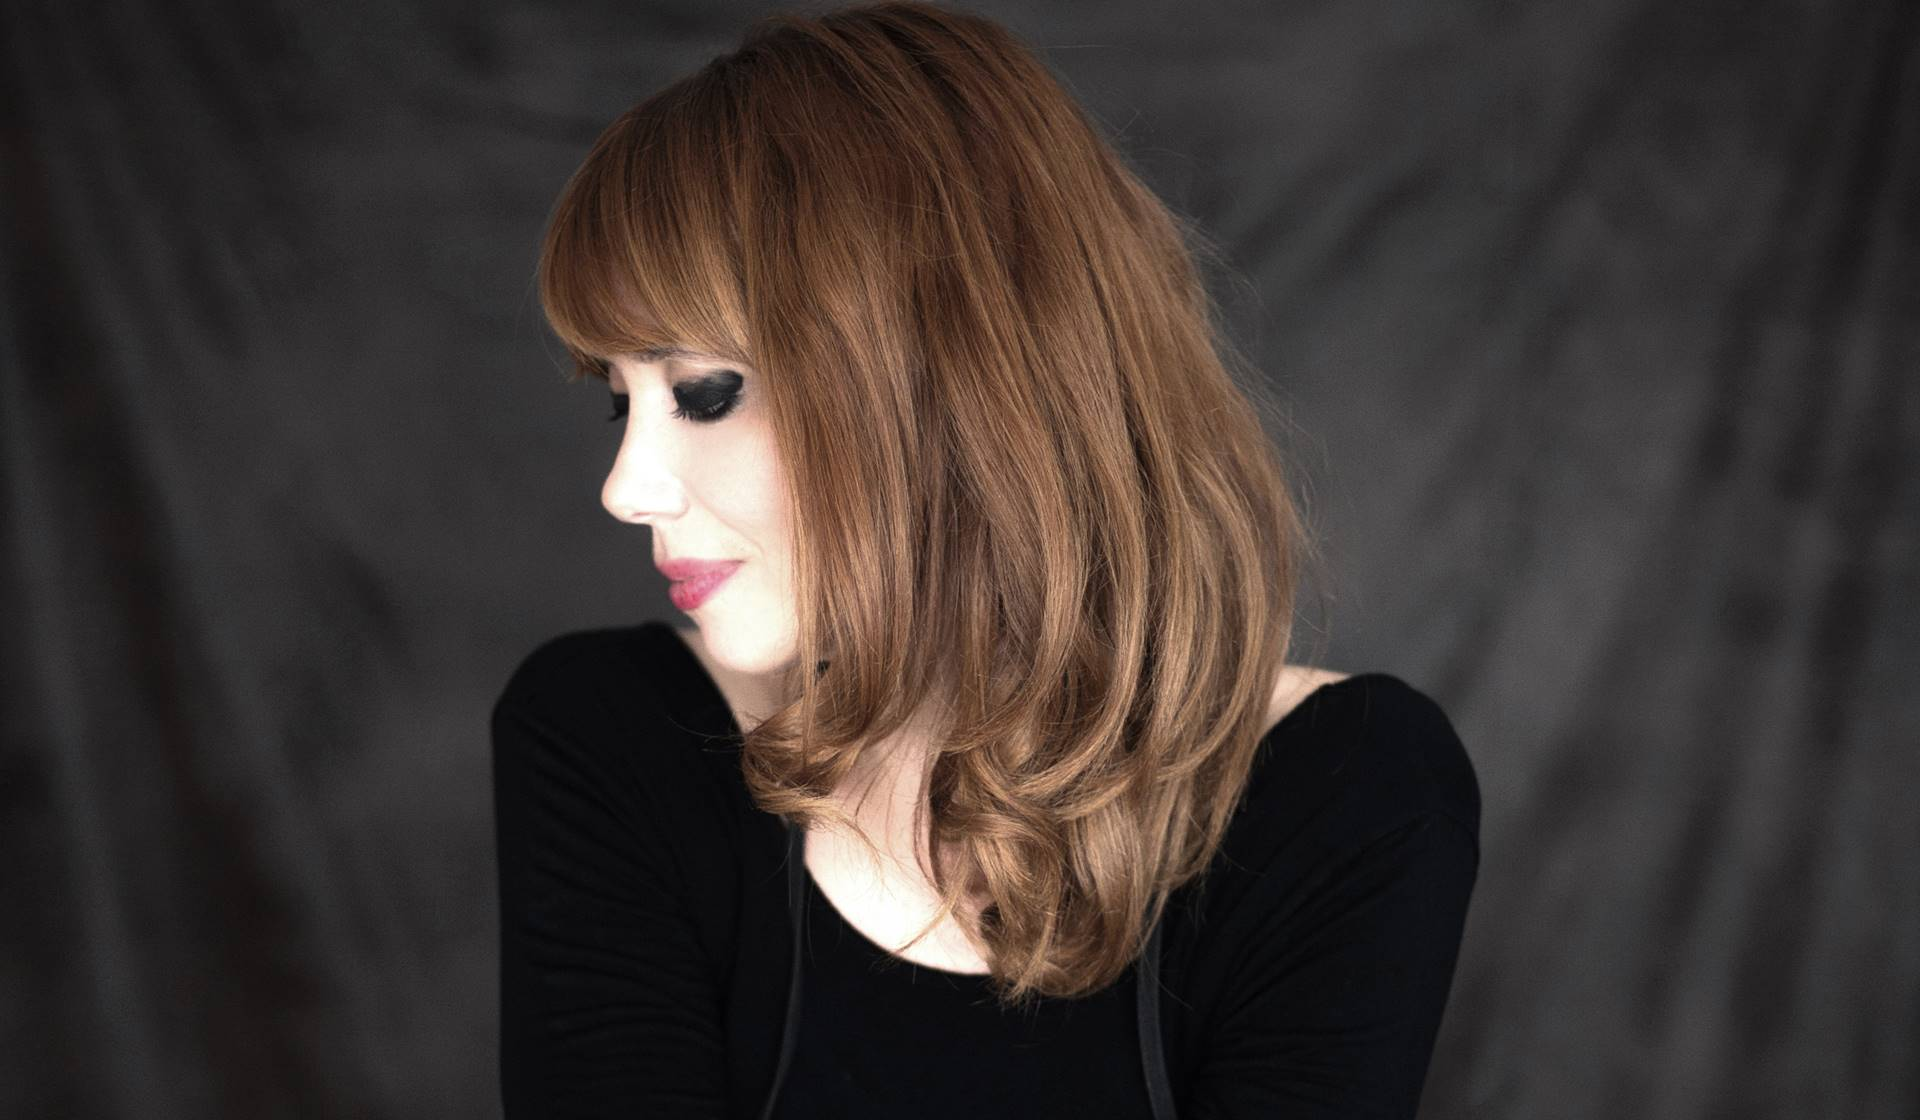 Entrevista a Paula Bonet, presentación de La anguila. Foto: Noemí Elías.